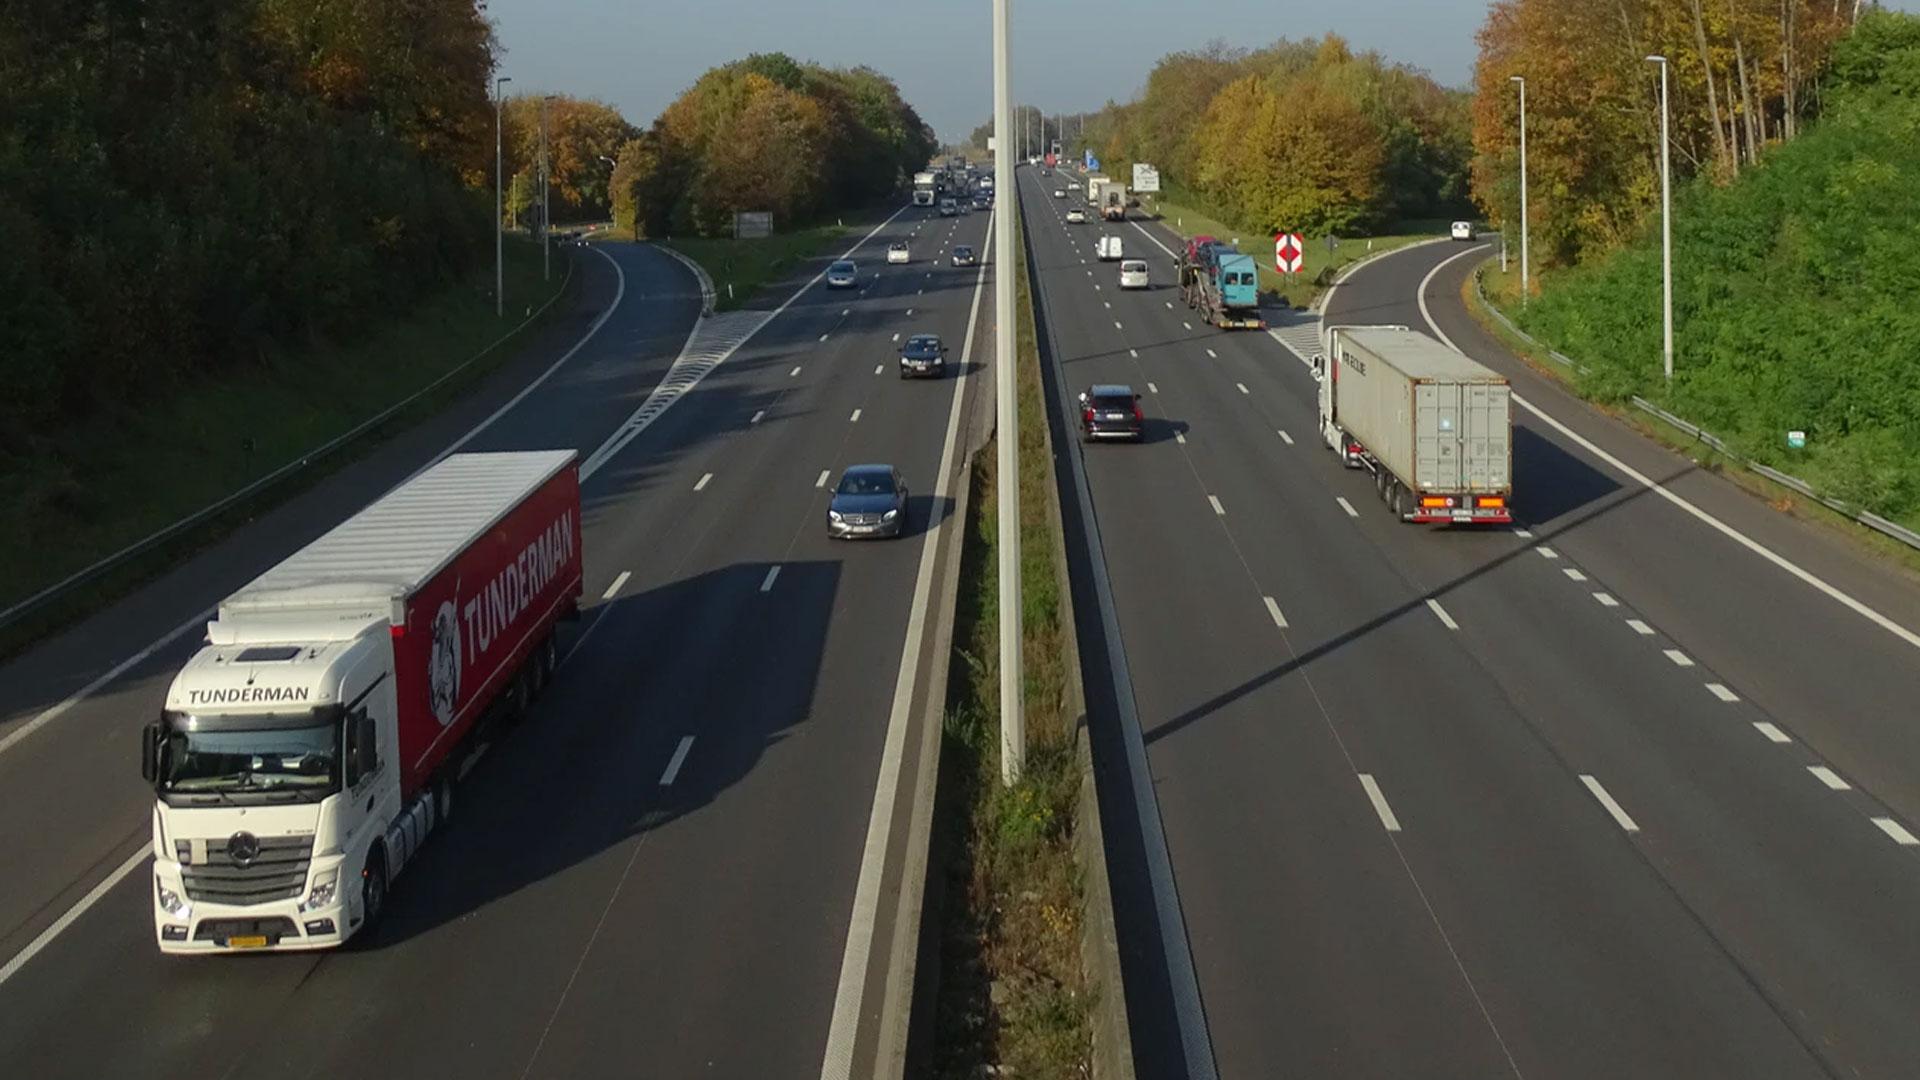 Snelweg in belgie Trajectcontroles Vlaanderen